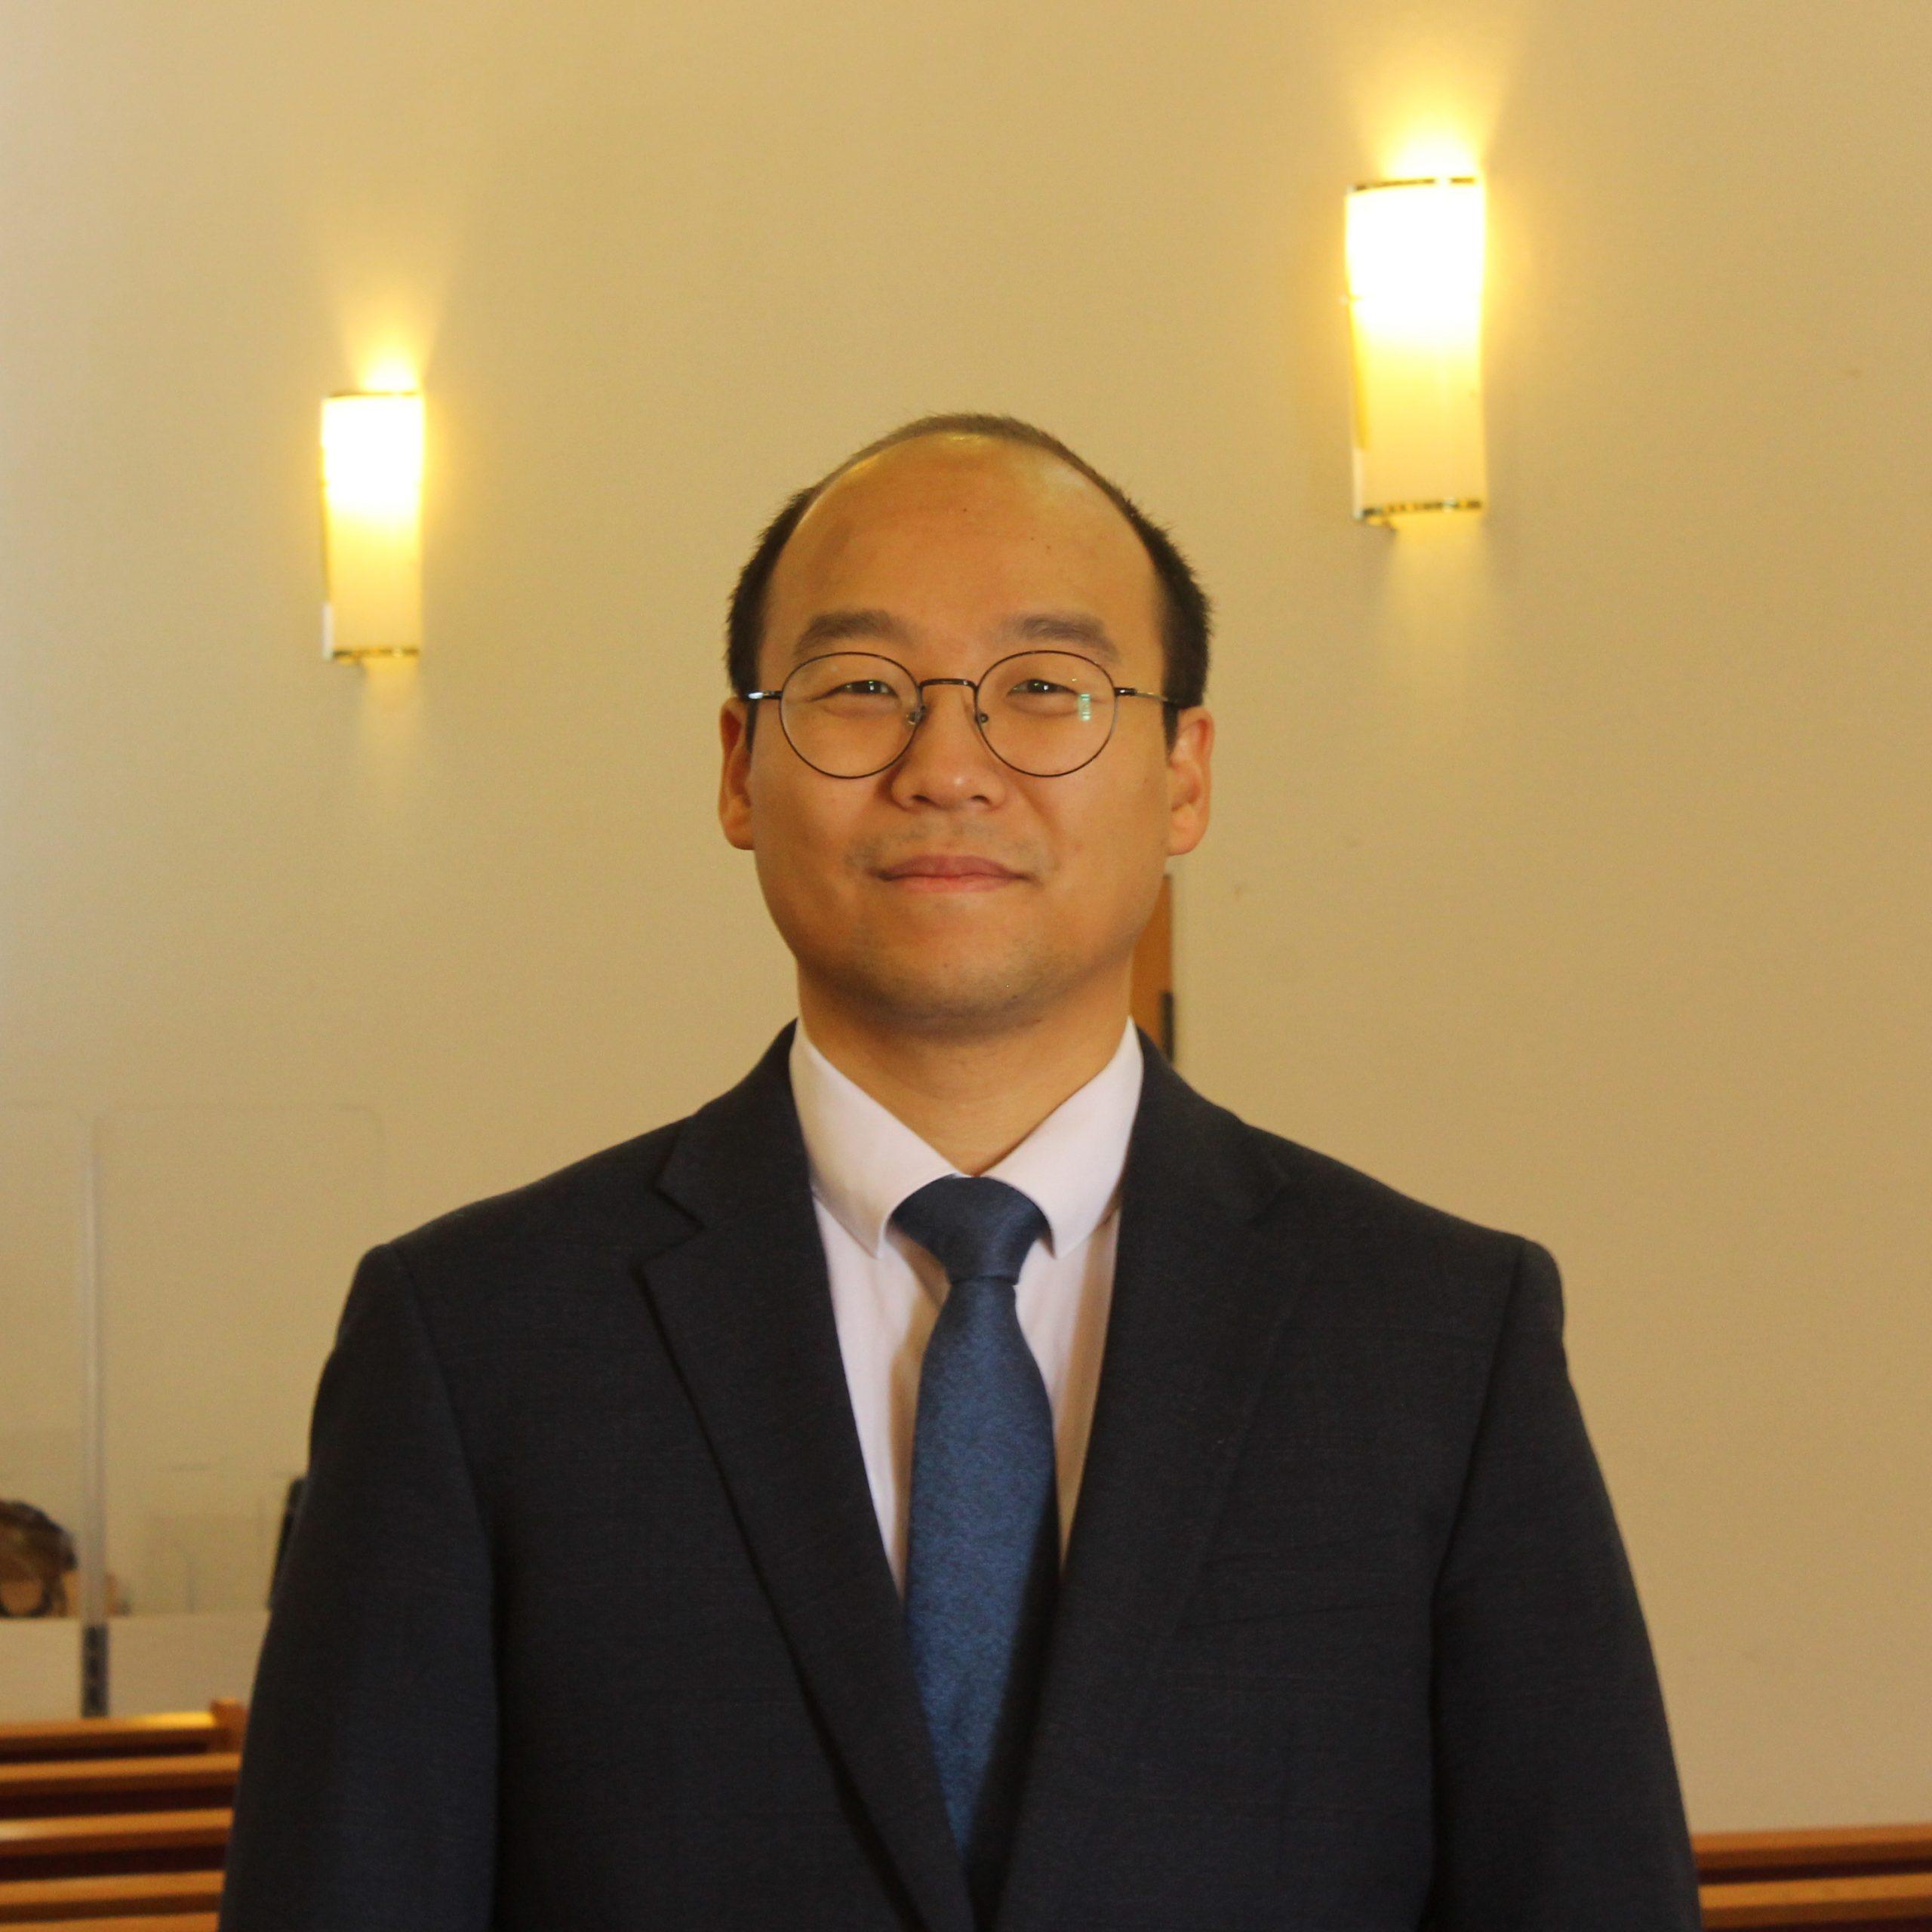 조성우 목사